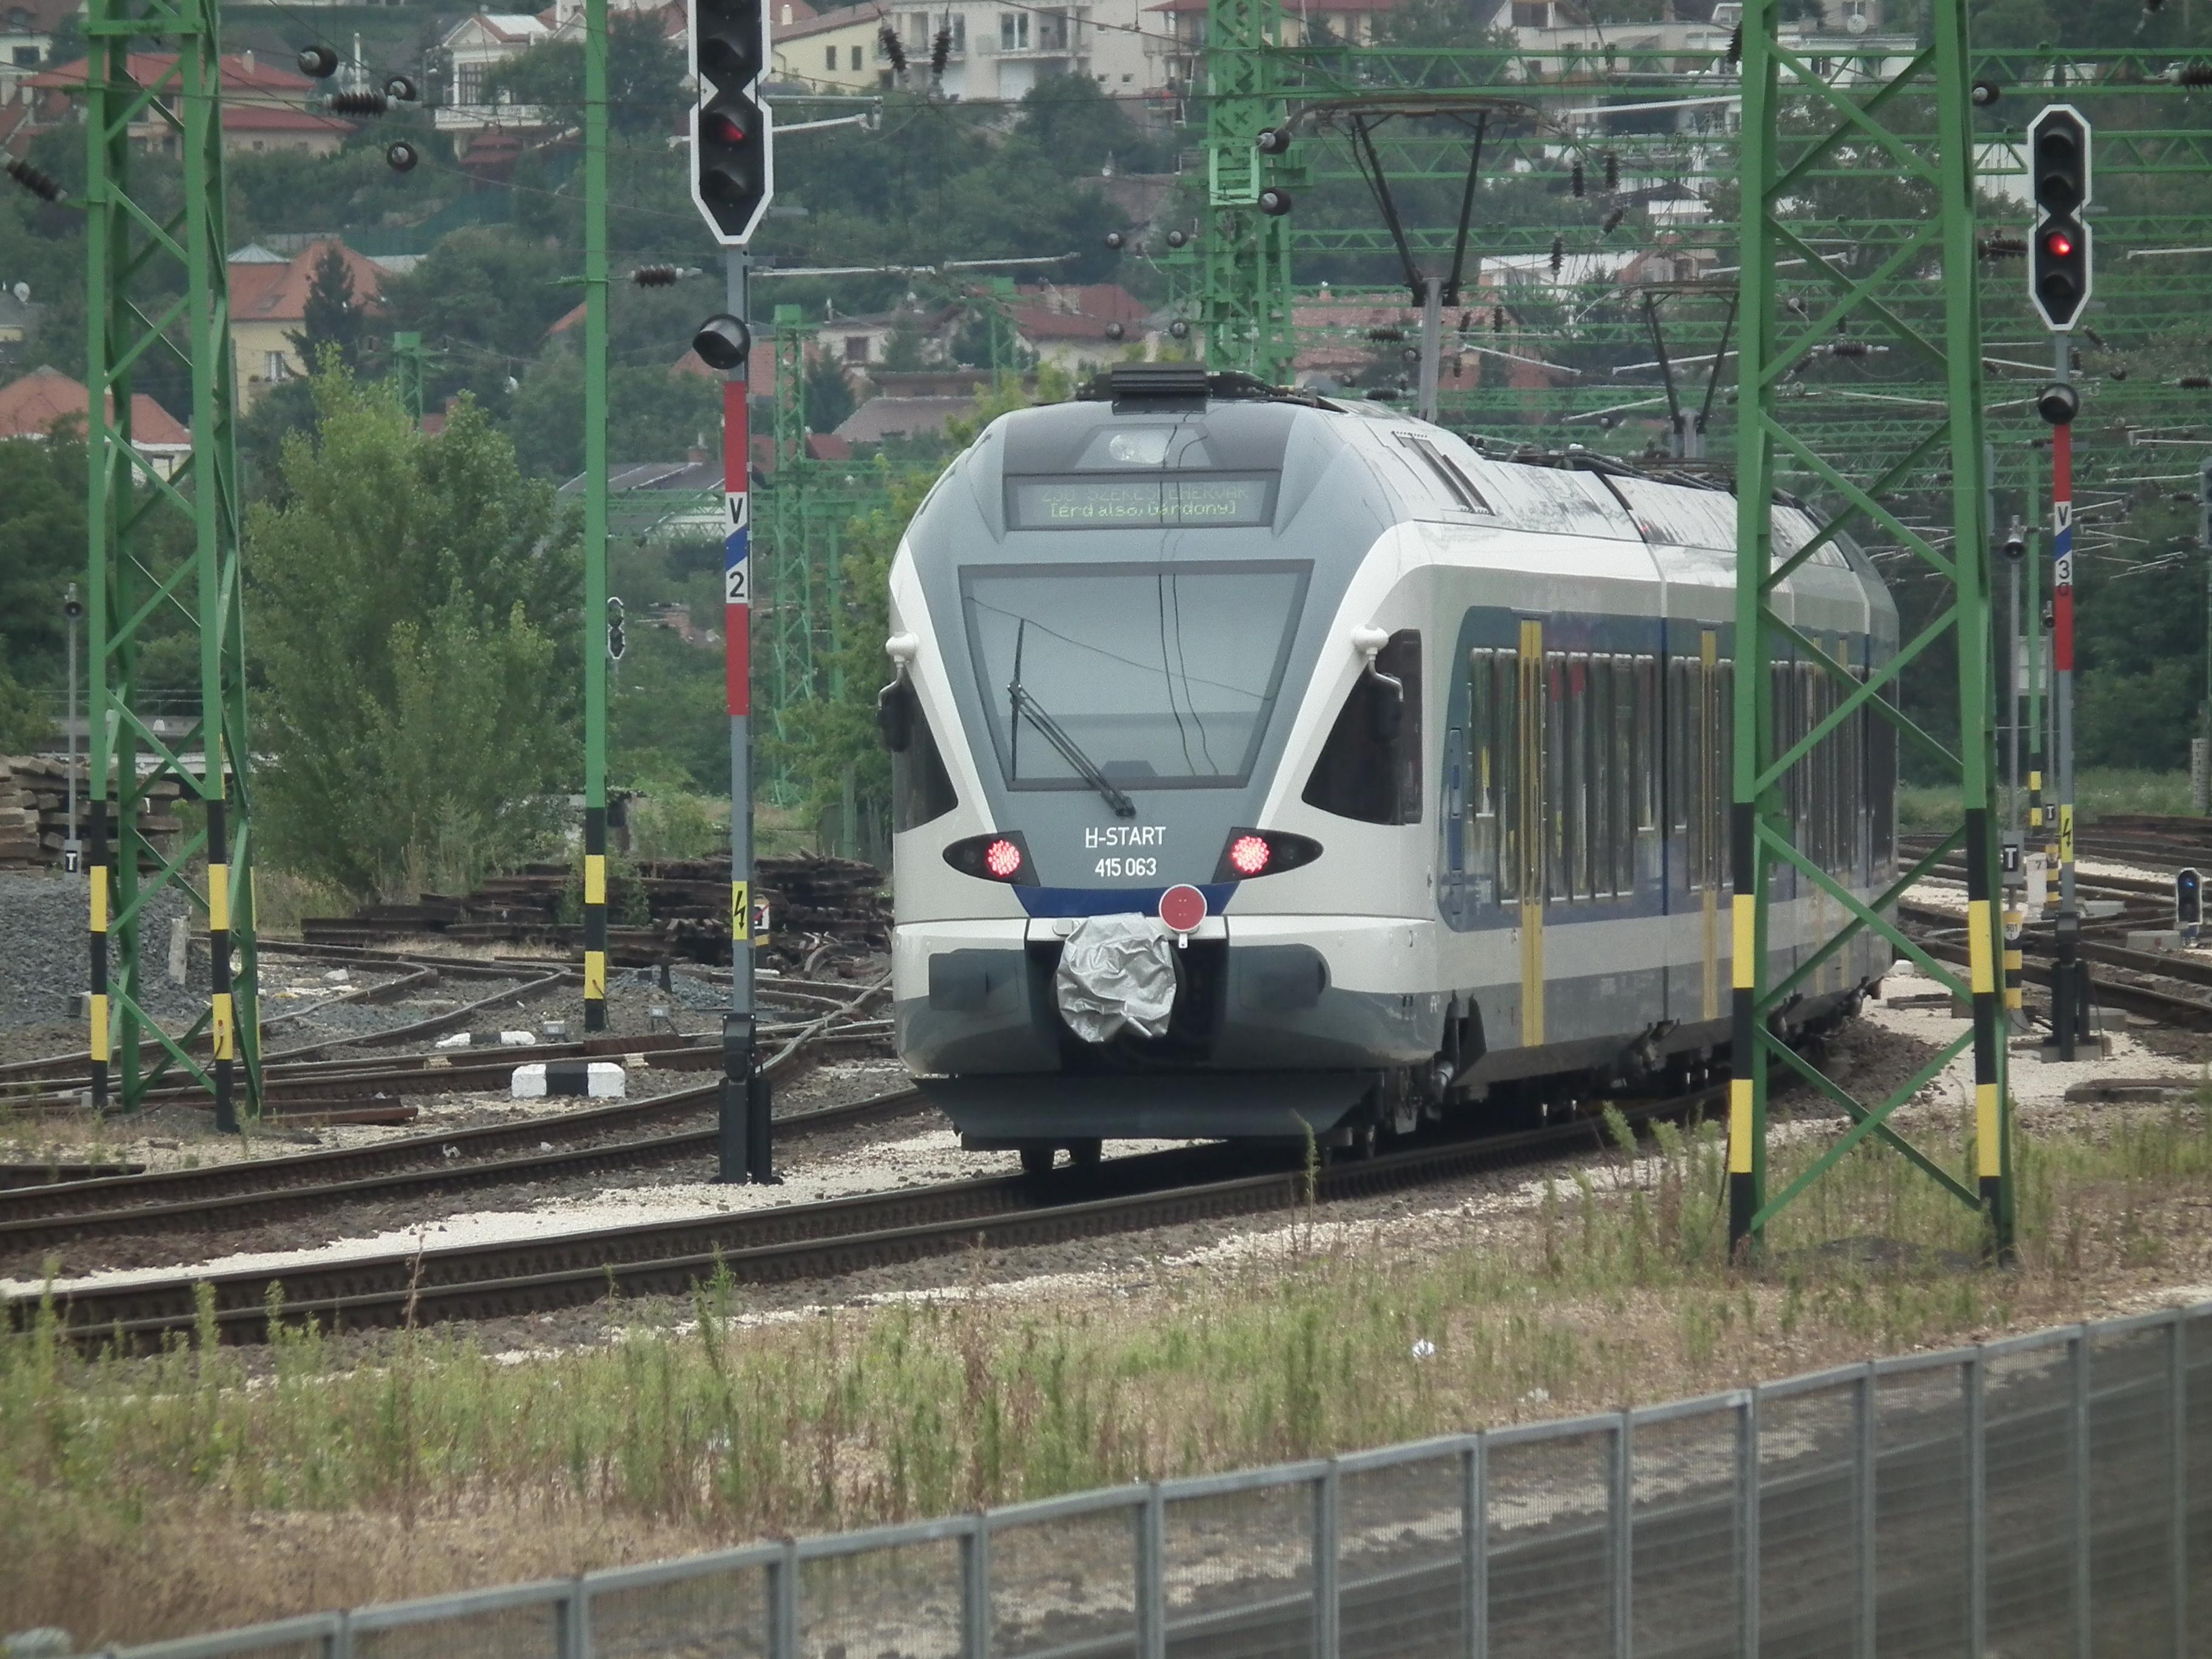 dscf1235.JPG